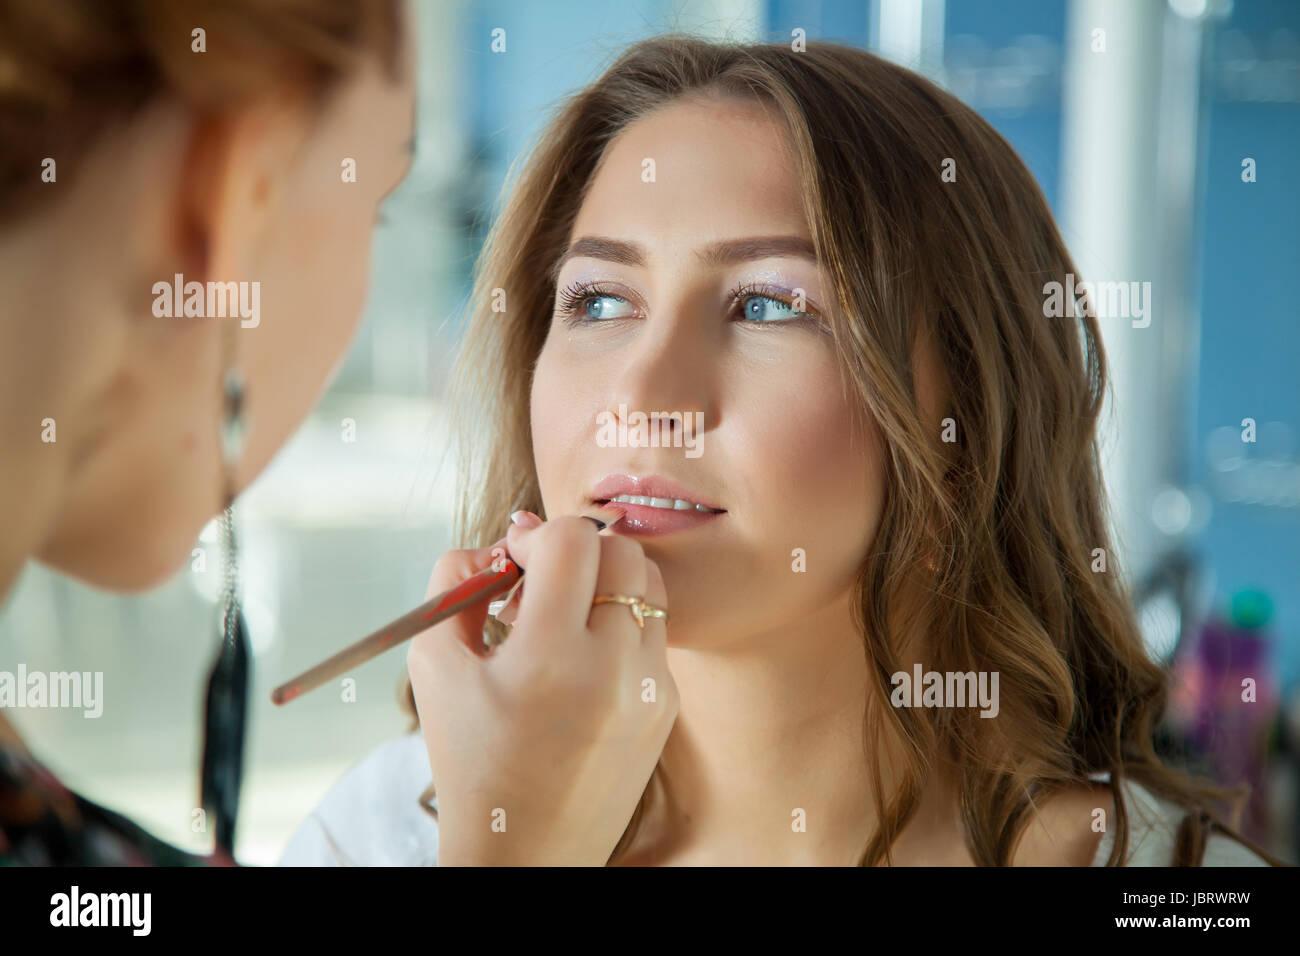 L'artiste de maquillage professionnel faisant de jeune femme Photo Stock